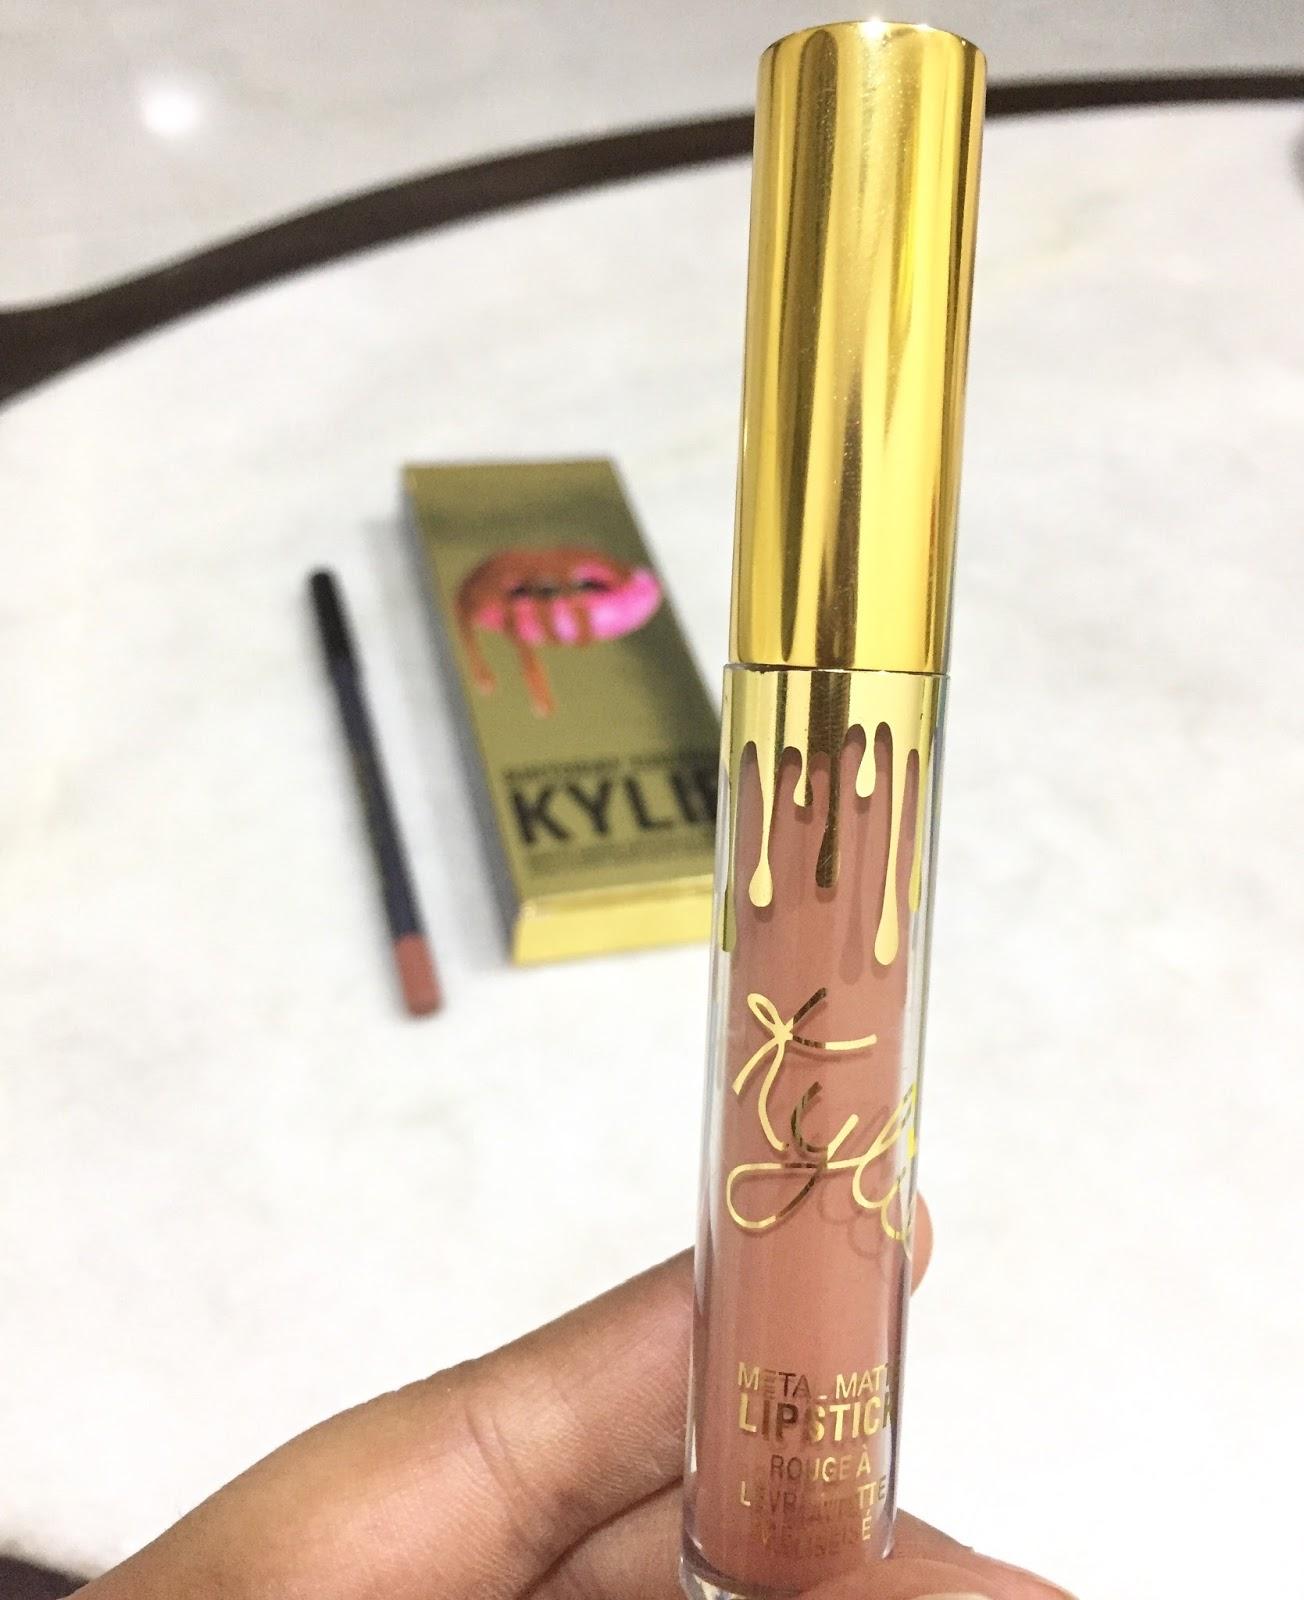 Kylie Dolce K